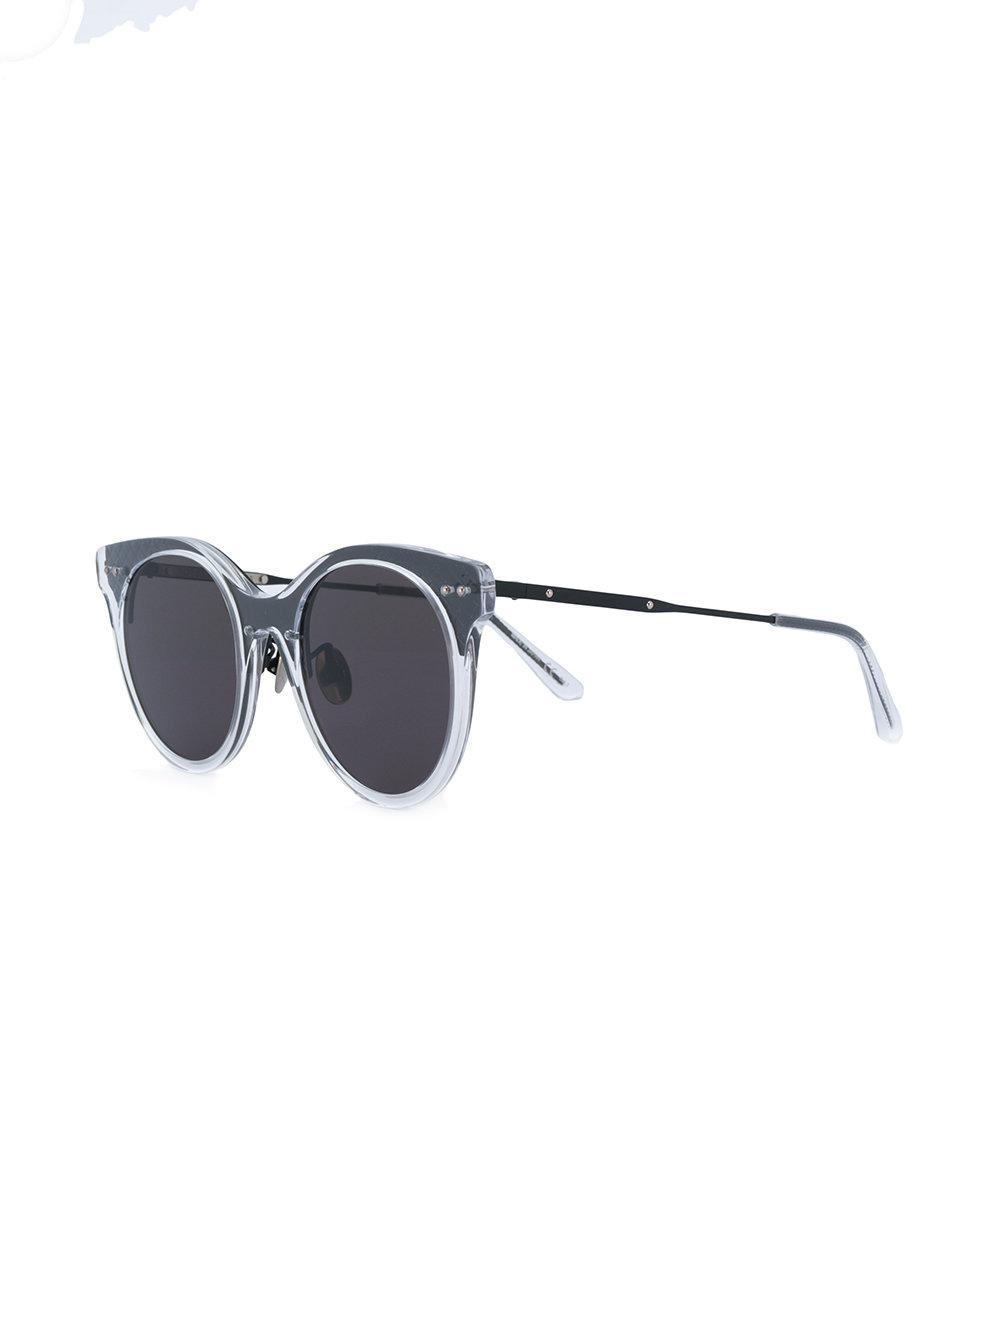 526d4c3c4e5 Bottega Veneta Translucent Circle Sunglasses in Black - Lyst